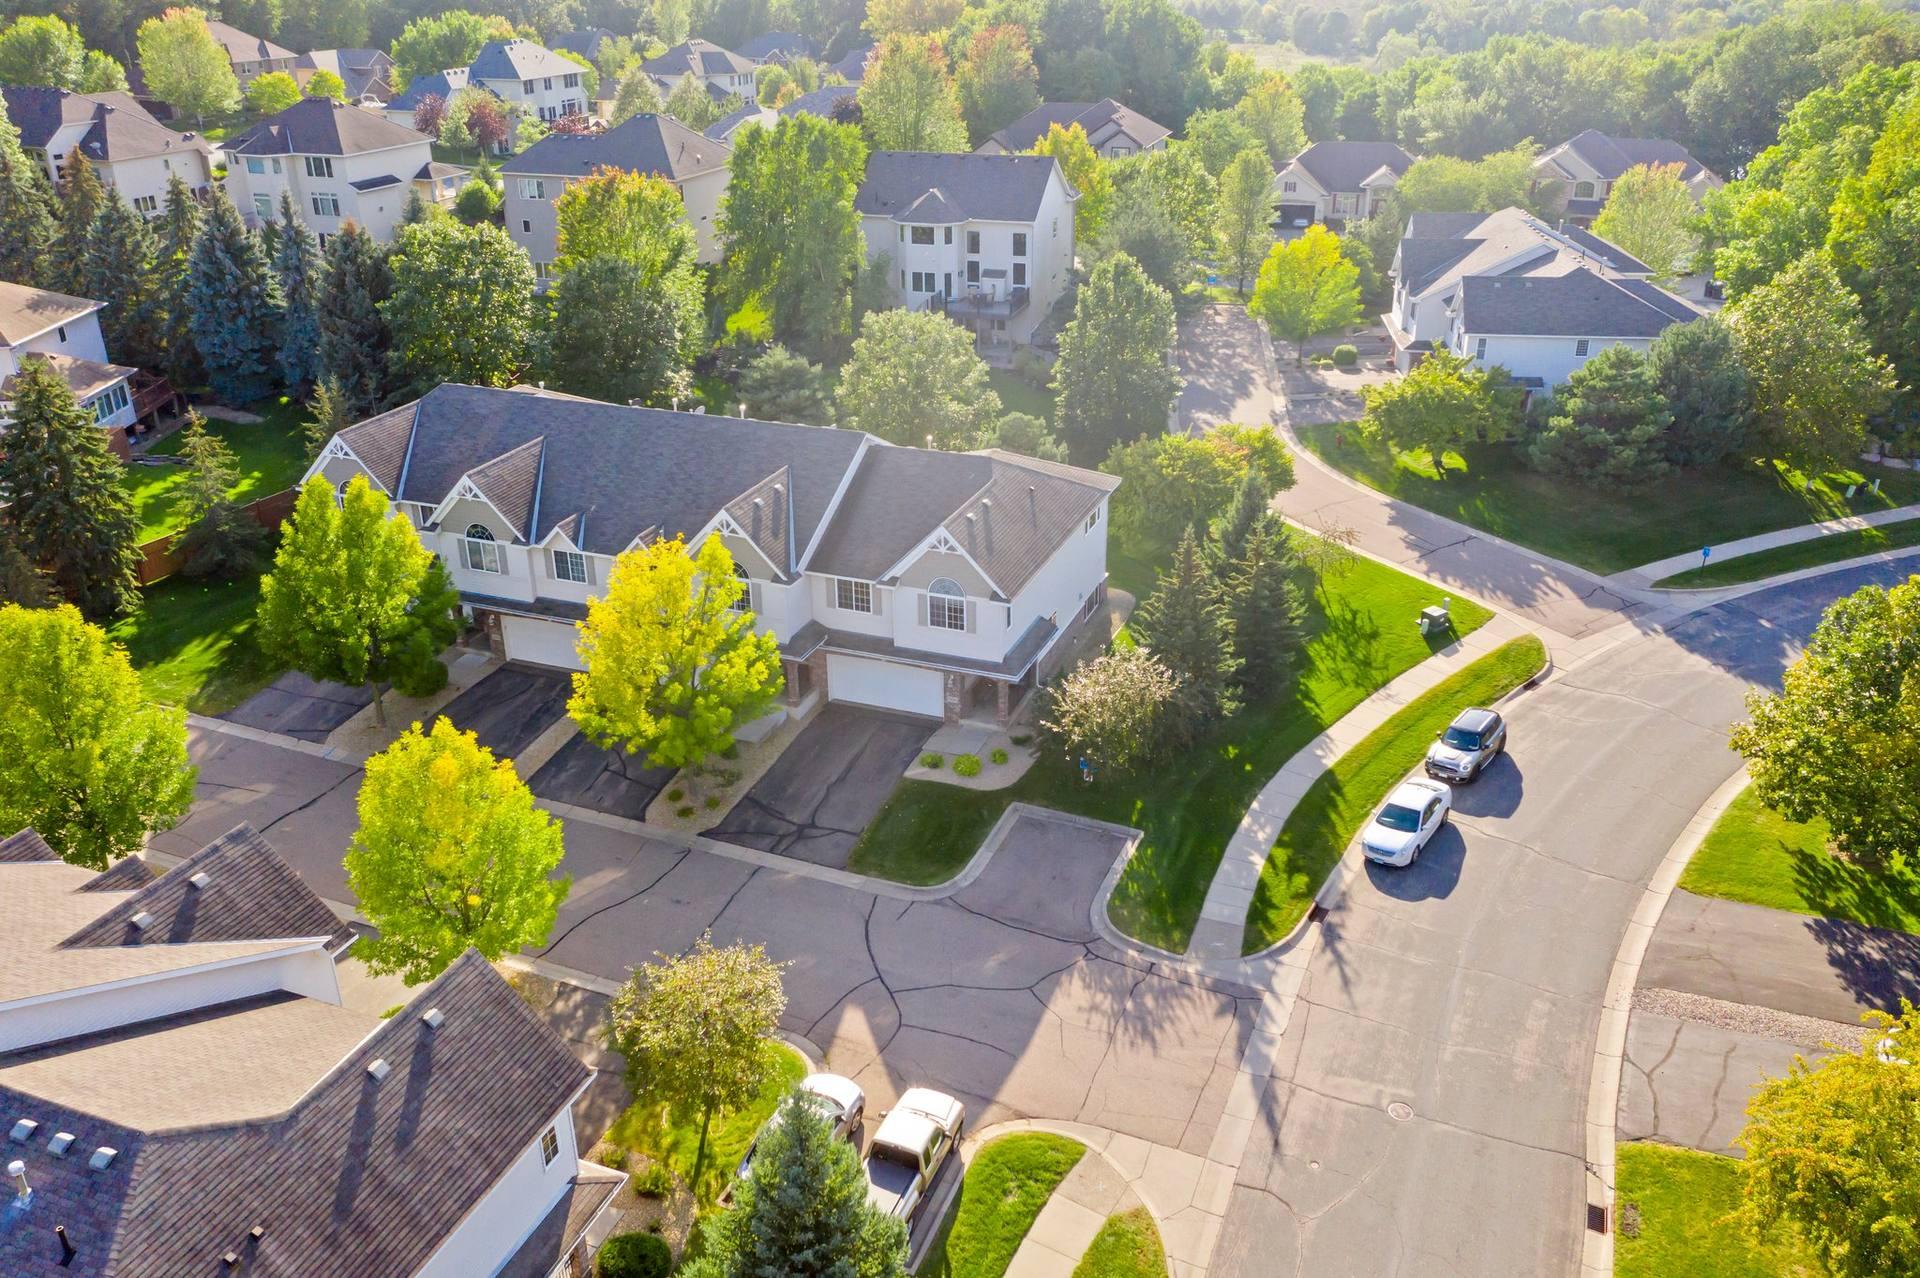 3829 Raspberry Ridge Rd NW, Prior Lake, MN 55372, USA